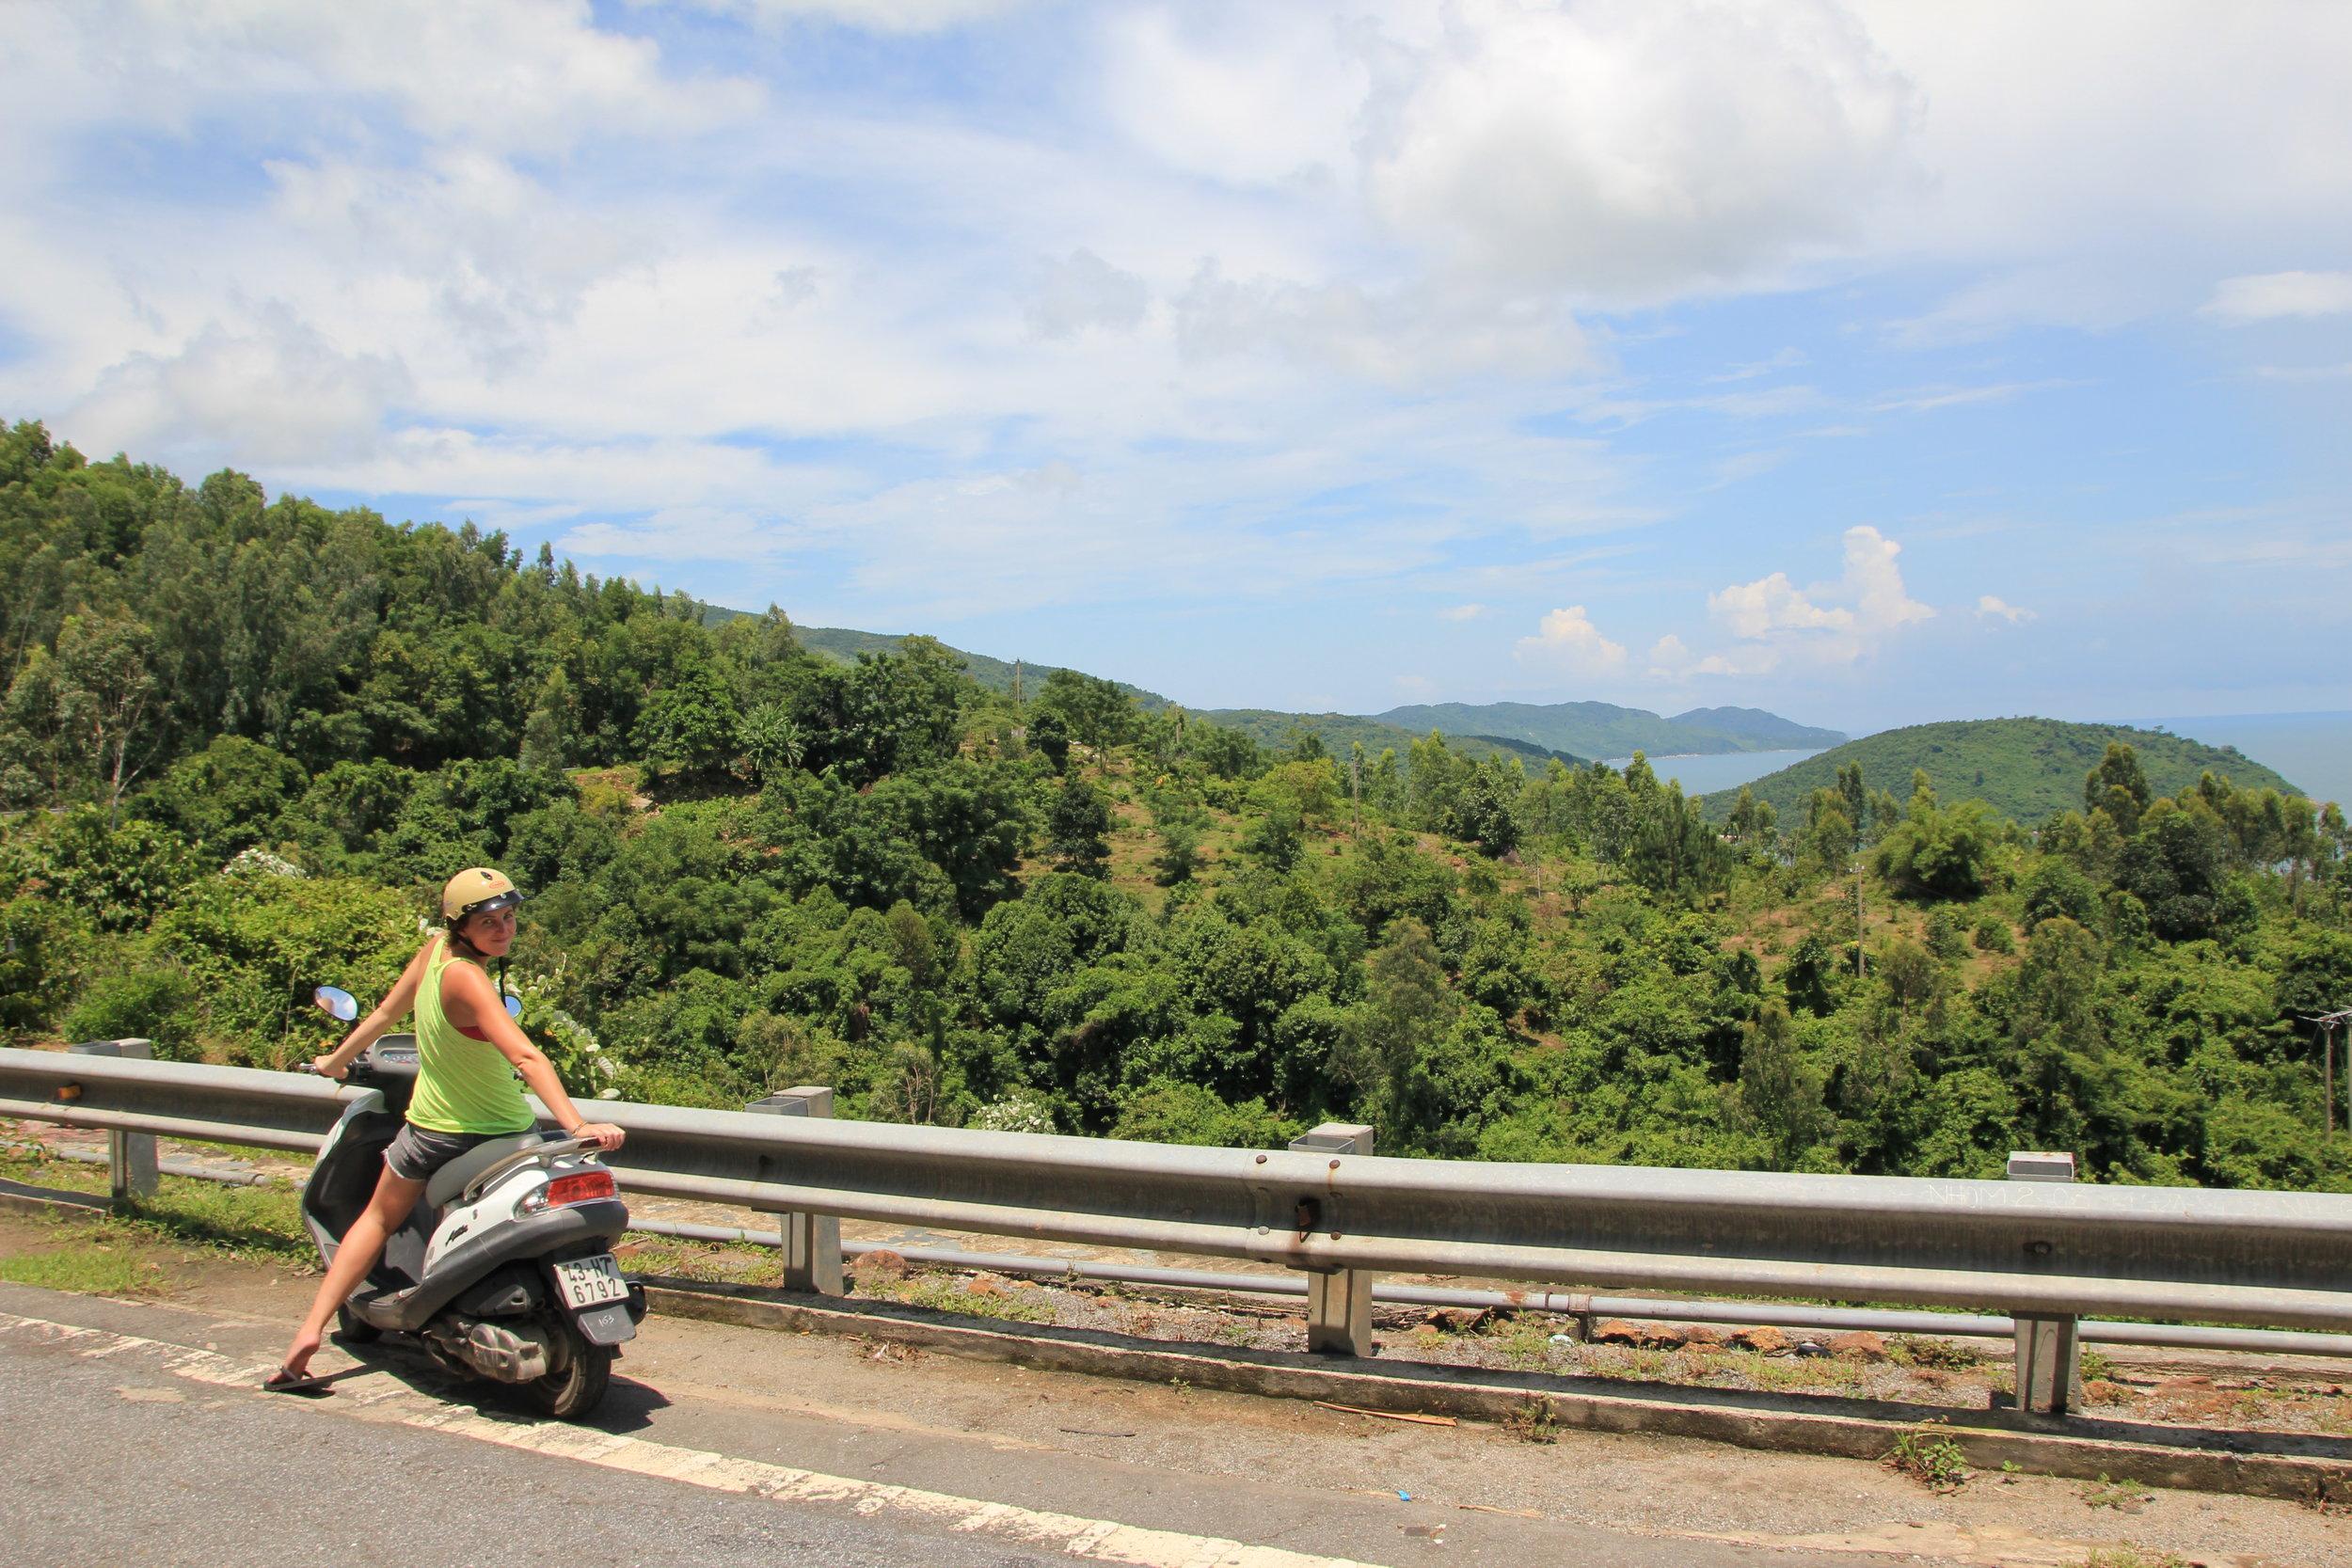 Me on my motorbike cruising the Hai Vai Van Pass in Vietnam